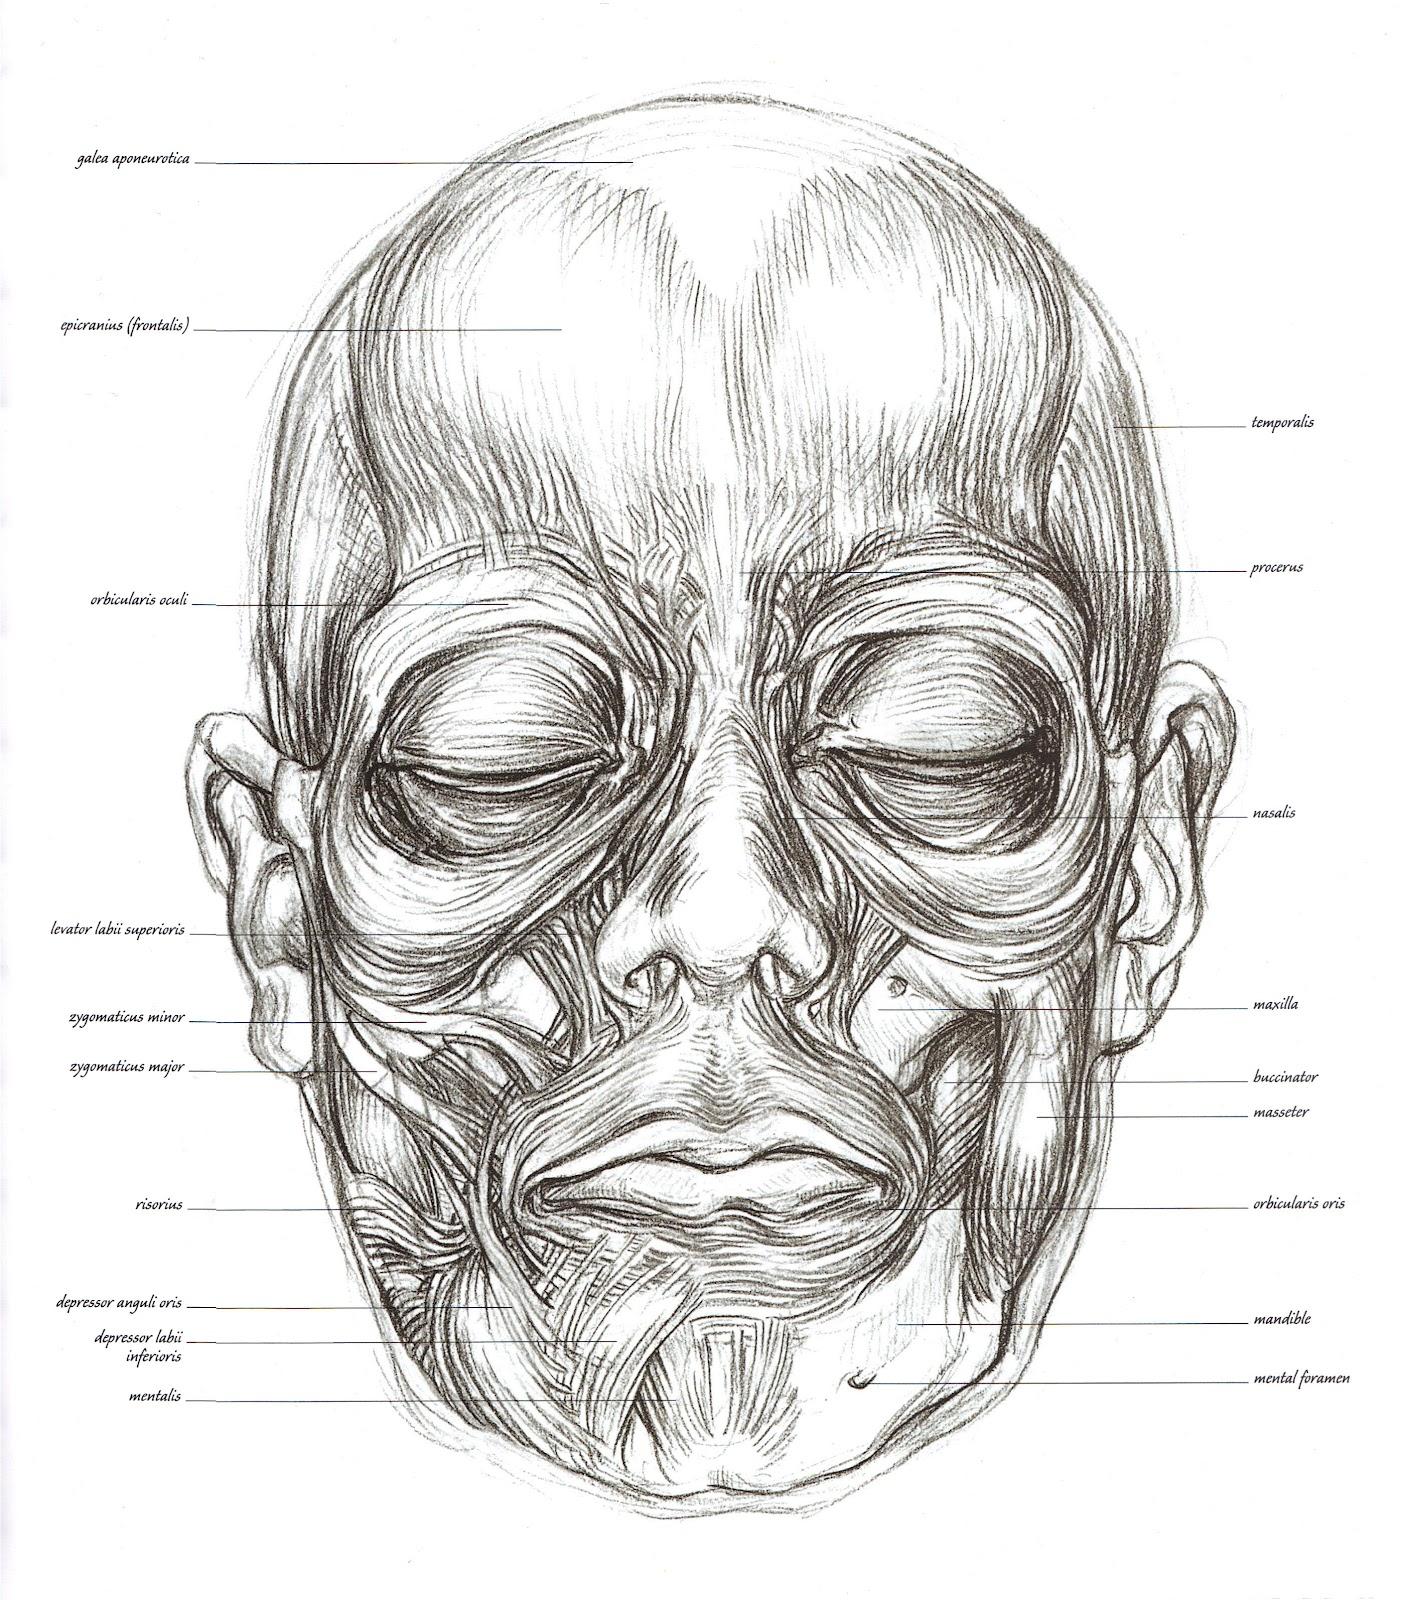 Sarah simblet anatomy